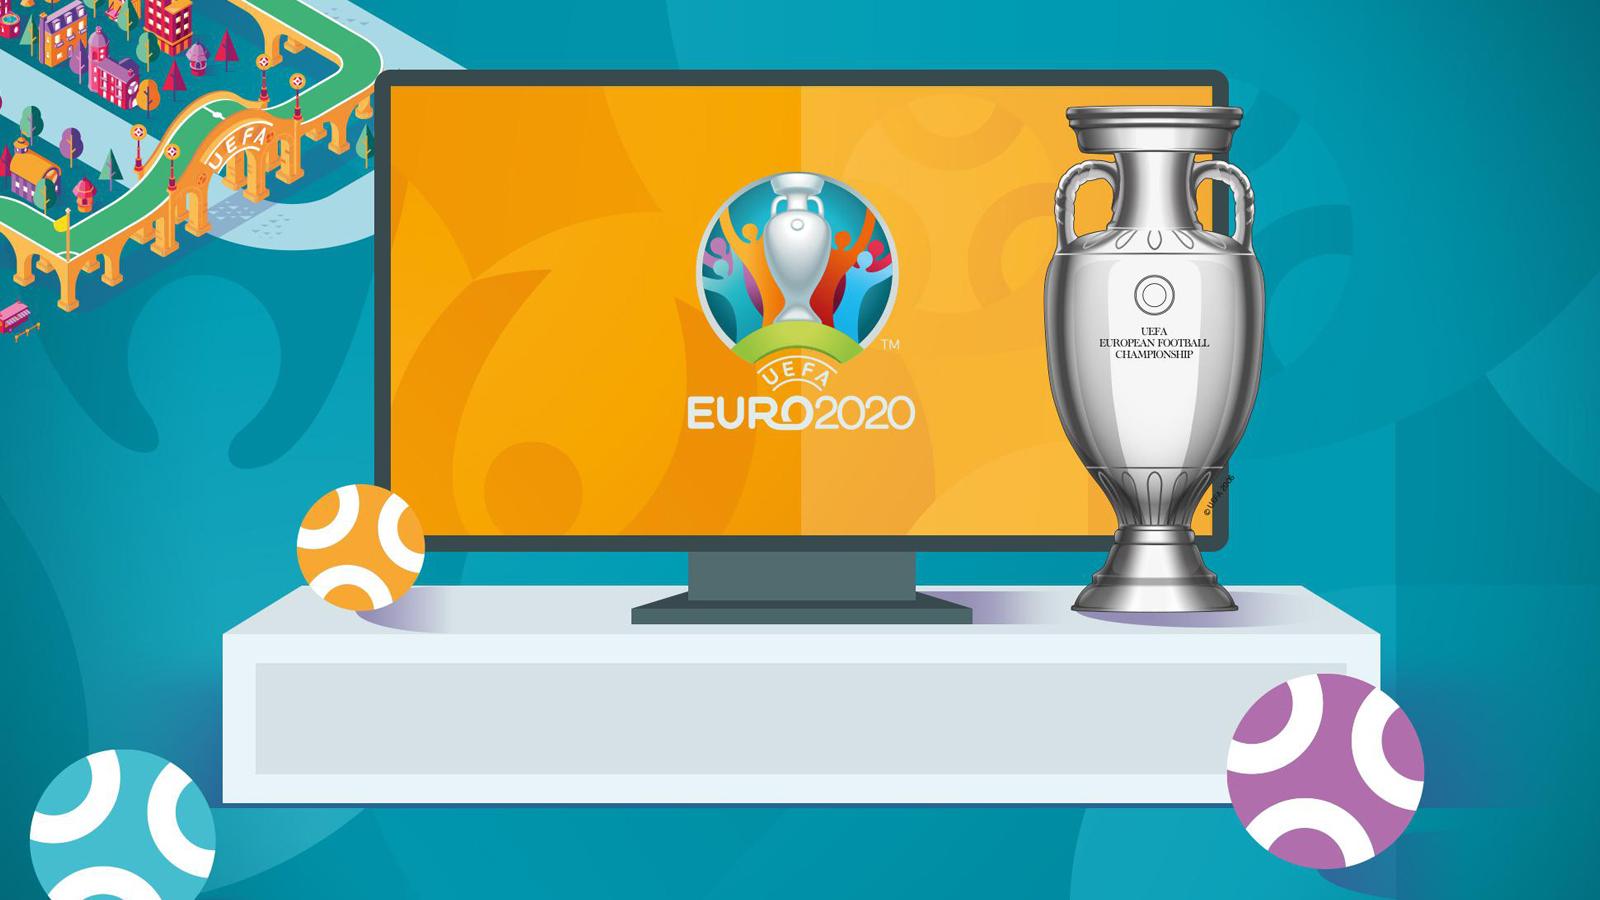 Η NP Ασφαλιστική παρούσα στο UEFA Euro 2020 μέσα από τις οθόνες σας